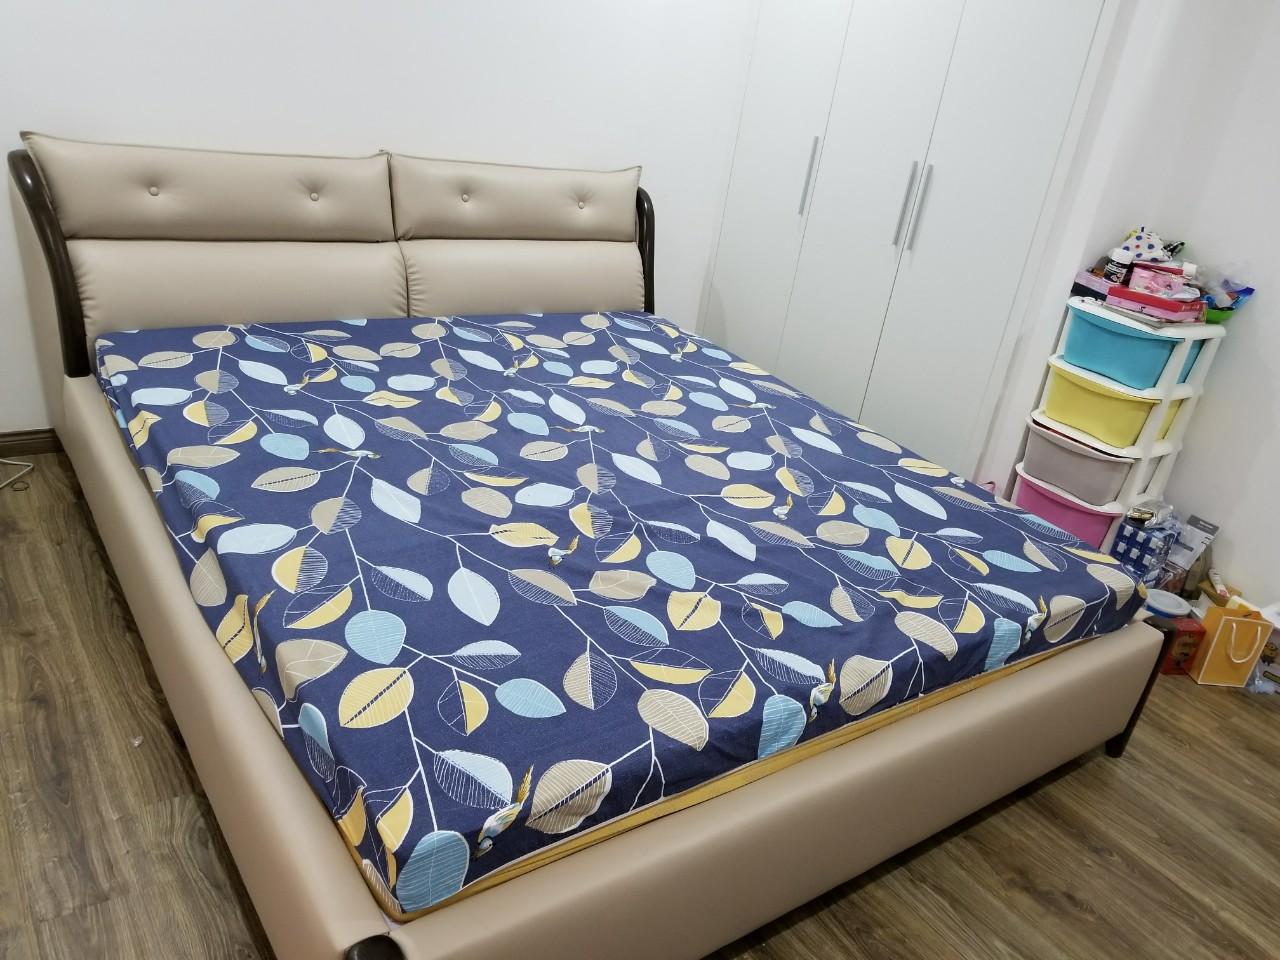 các mẫu giường ngủ hiện đại